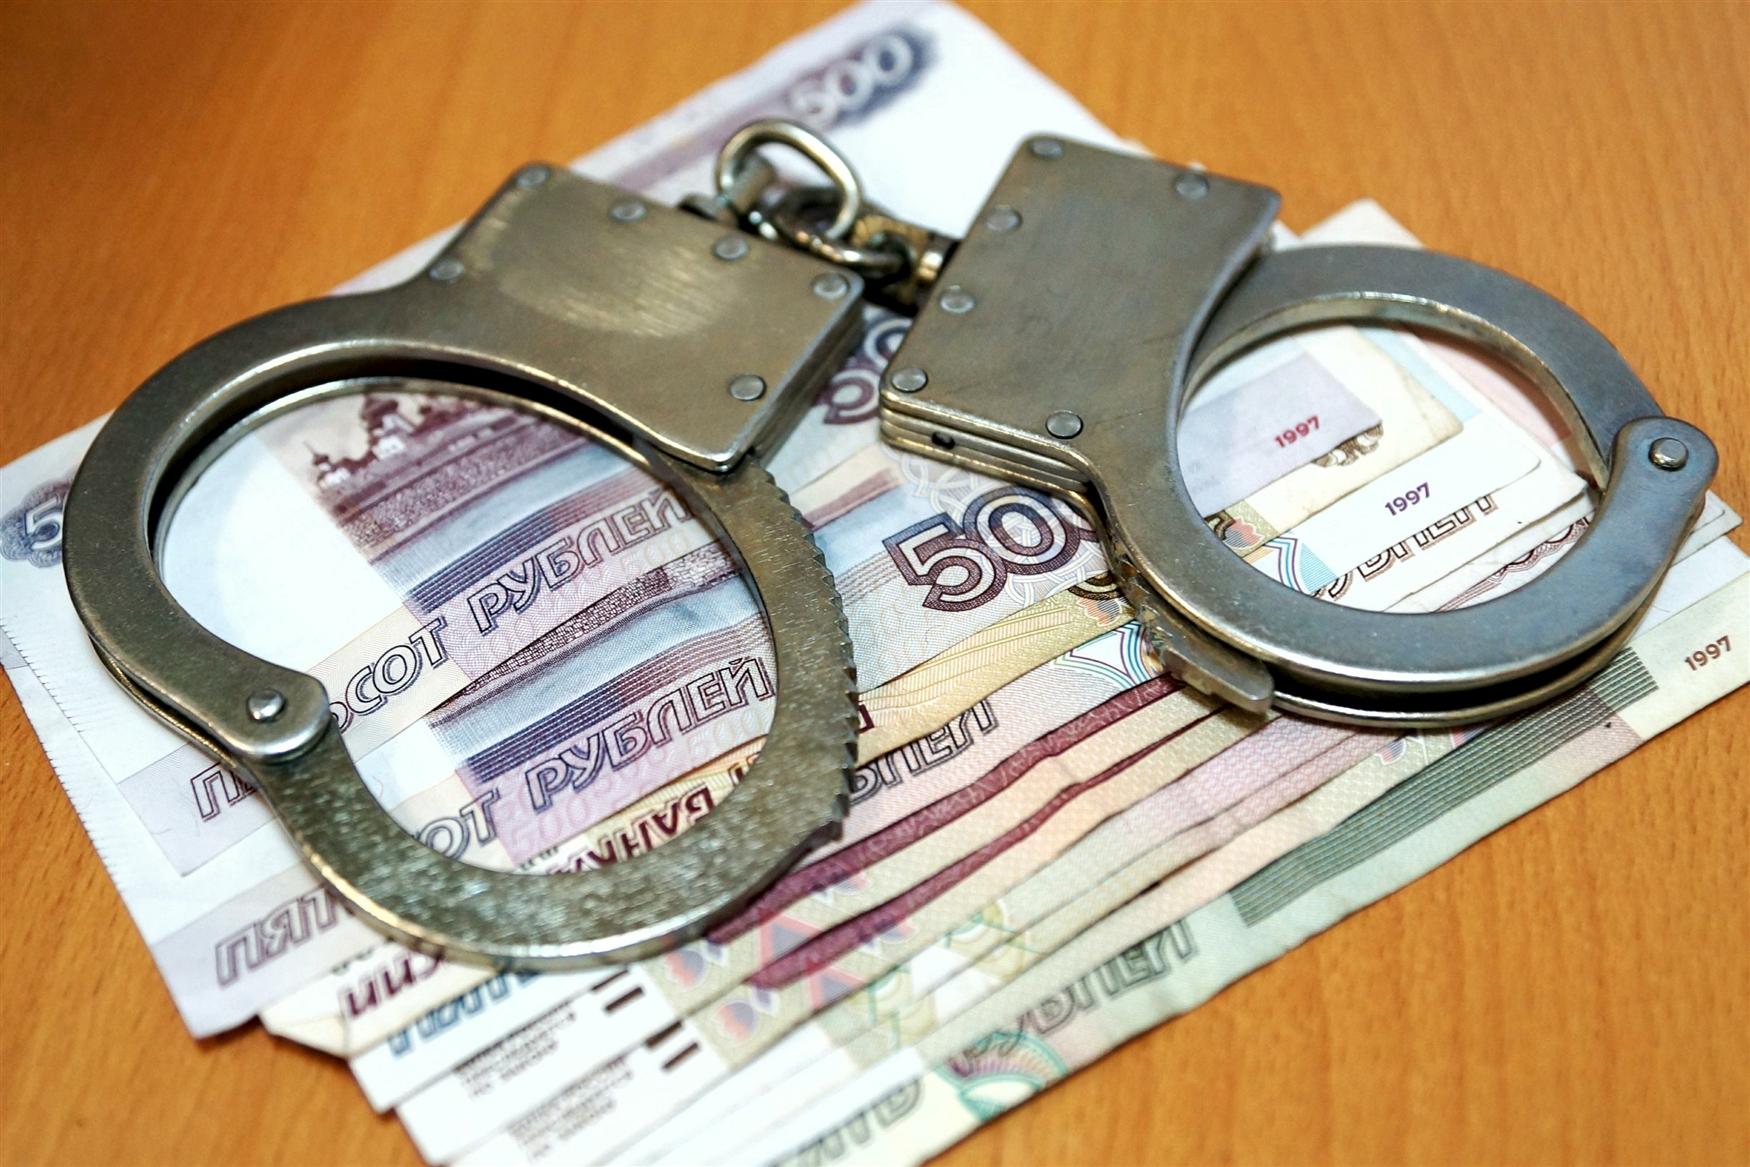 Правоохранительные органы вплотную займутся махинациями в ОСАГО и каско